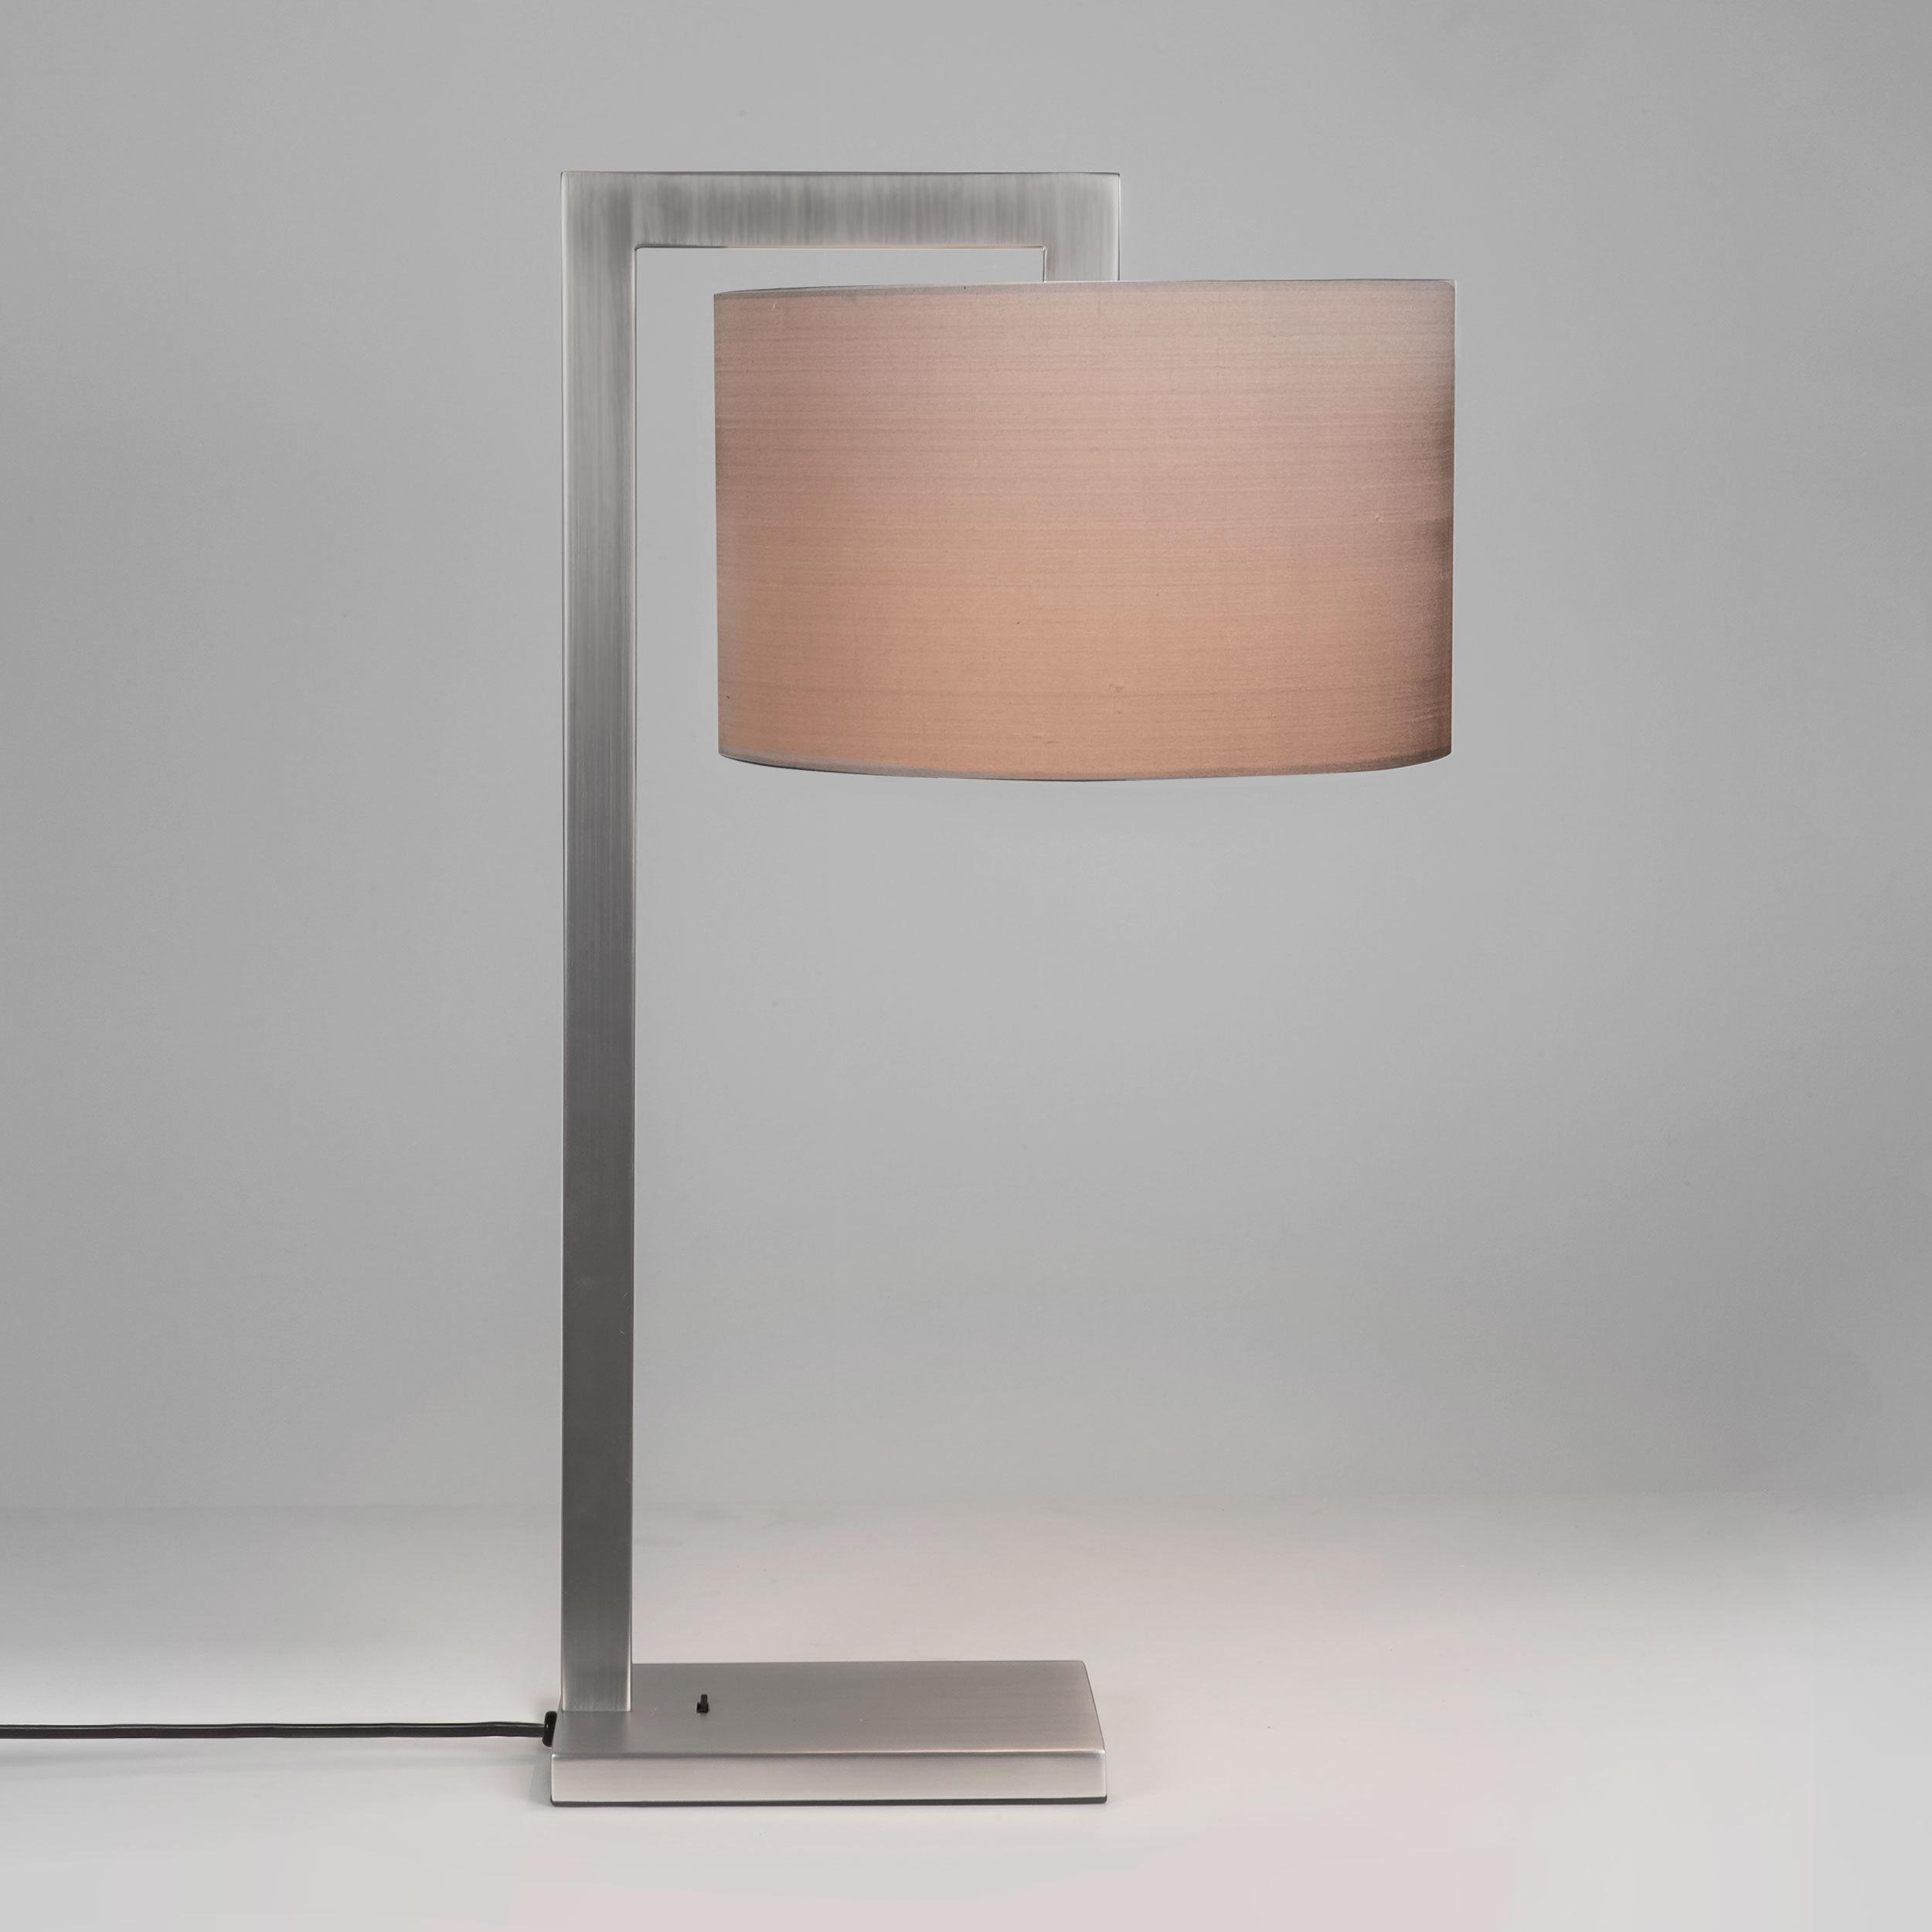 Основание настольной лампы Astro Ravello 1222008 (4555), 1xE27x60W, никель, металл - фото 1